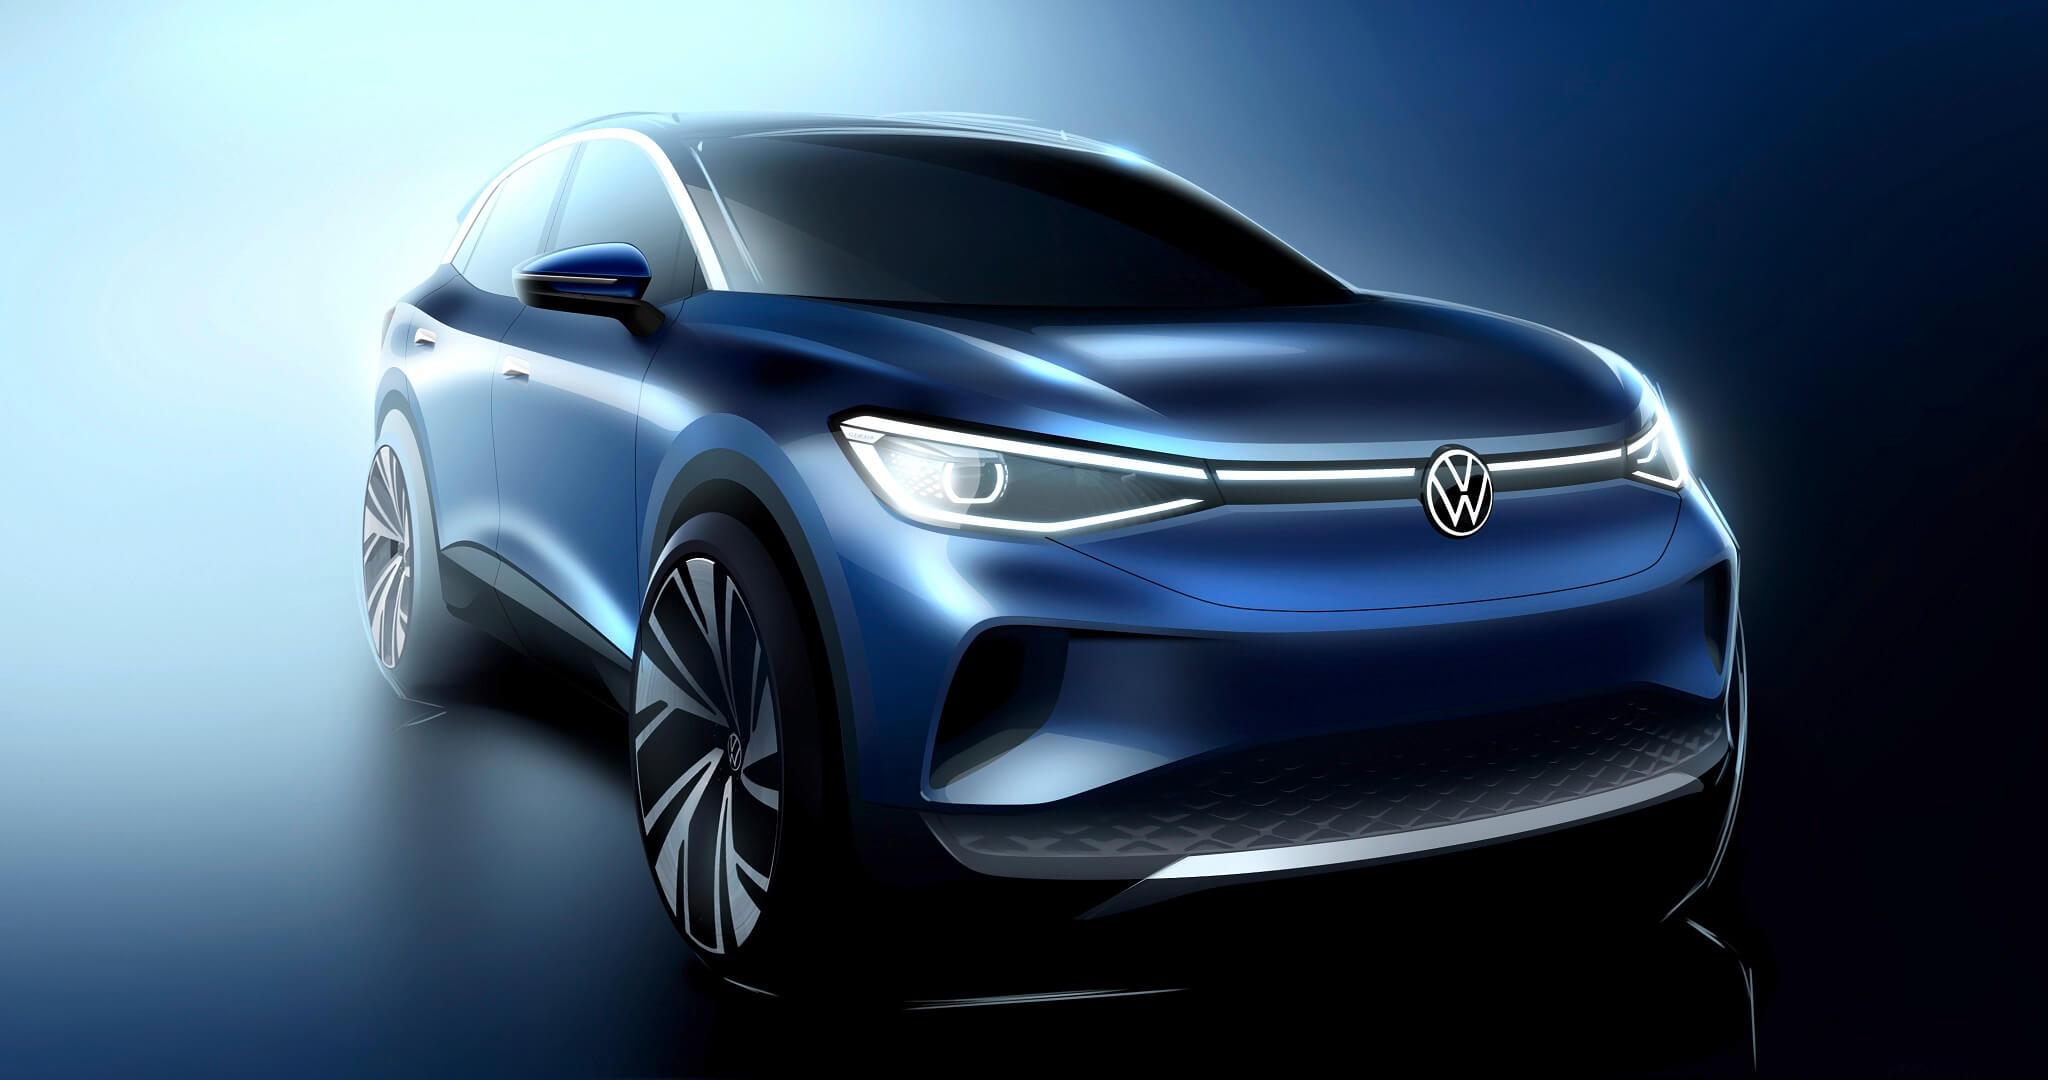 Volkswagen ID.4 concept car - Σχεδιασμός